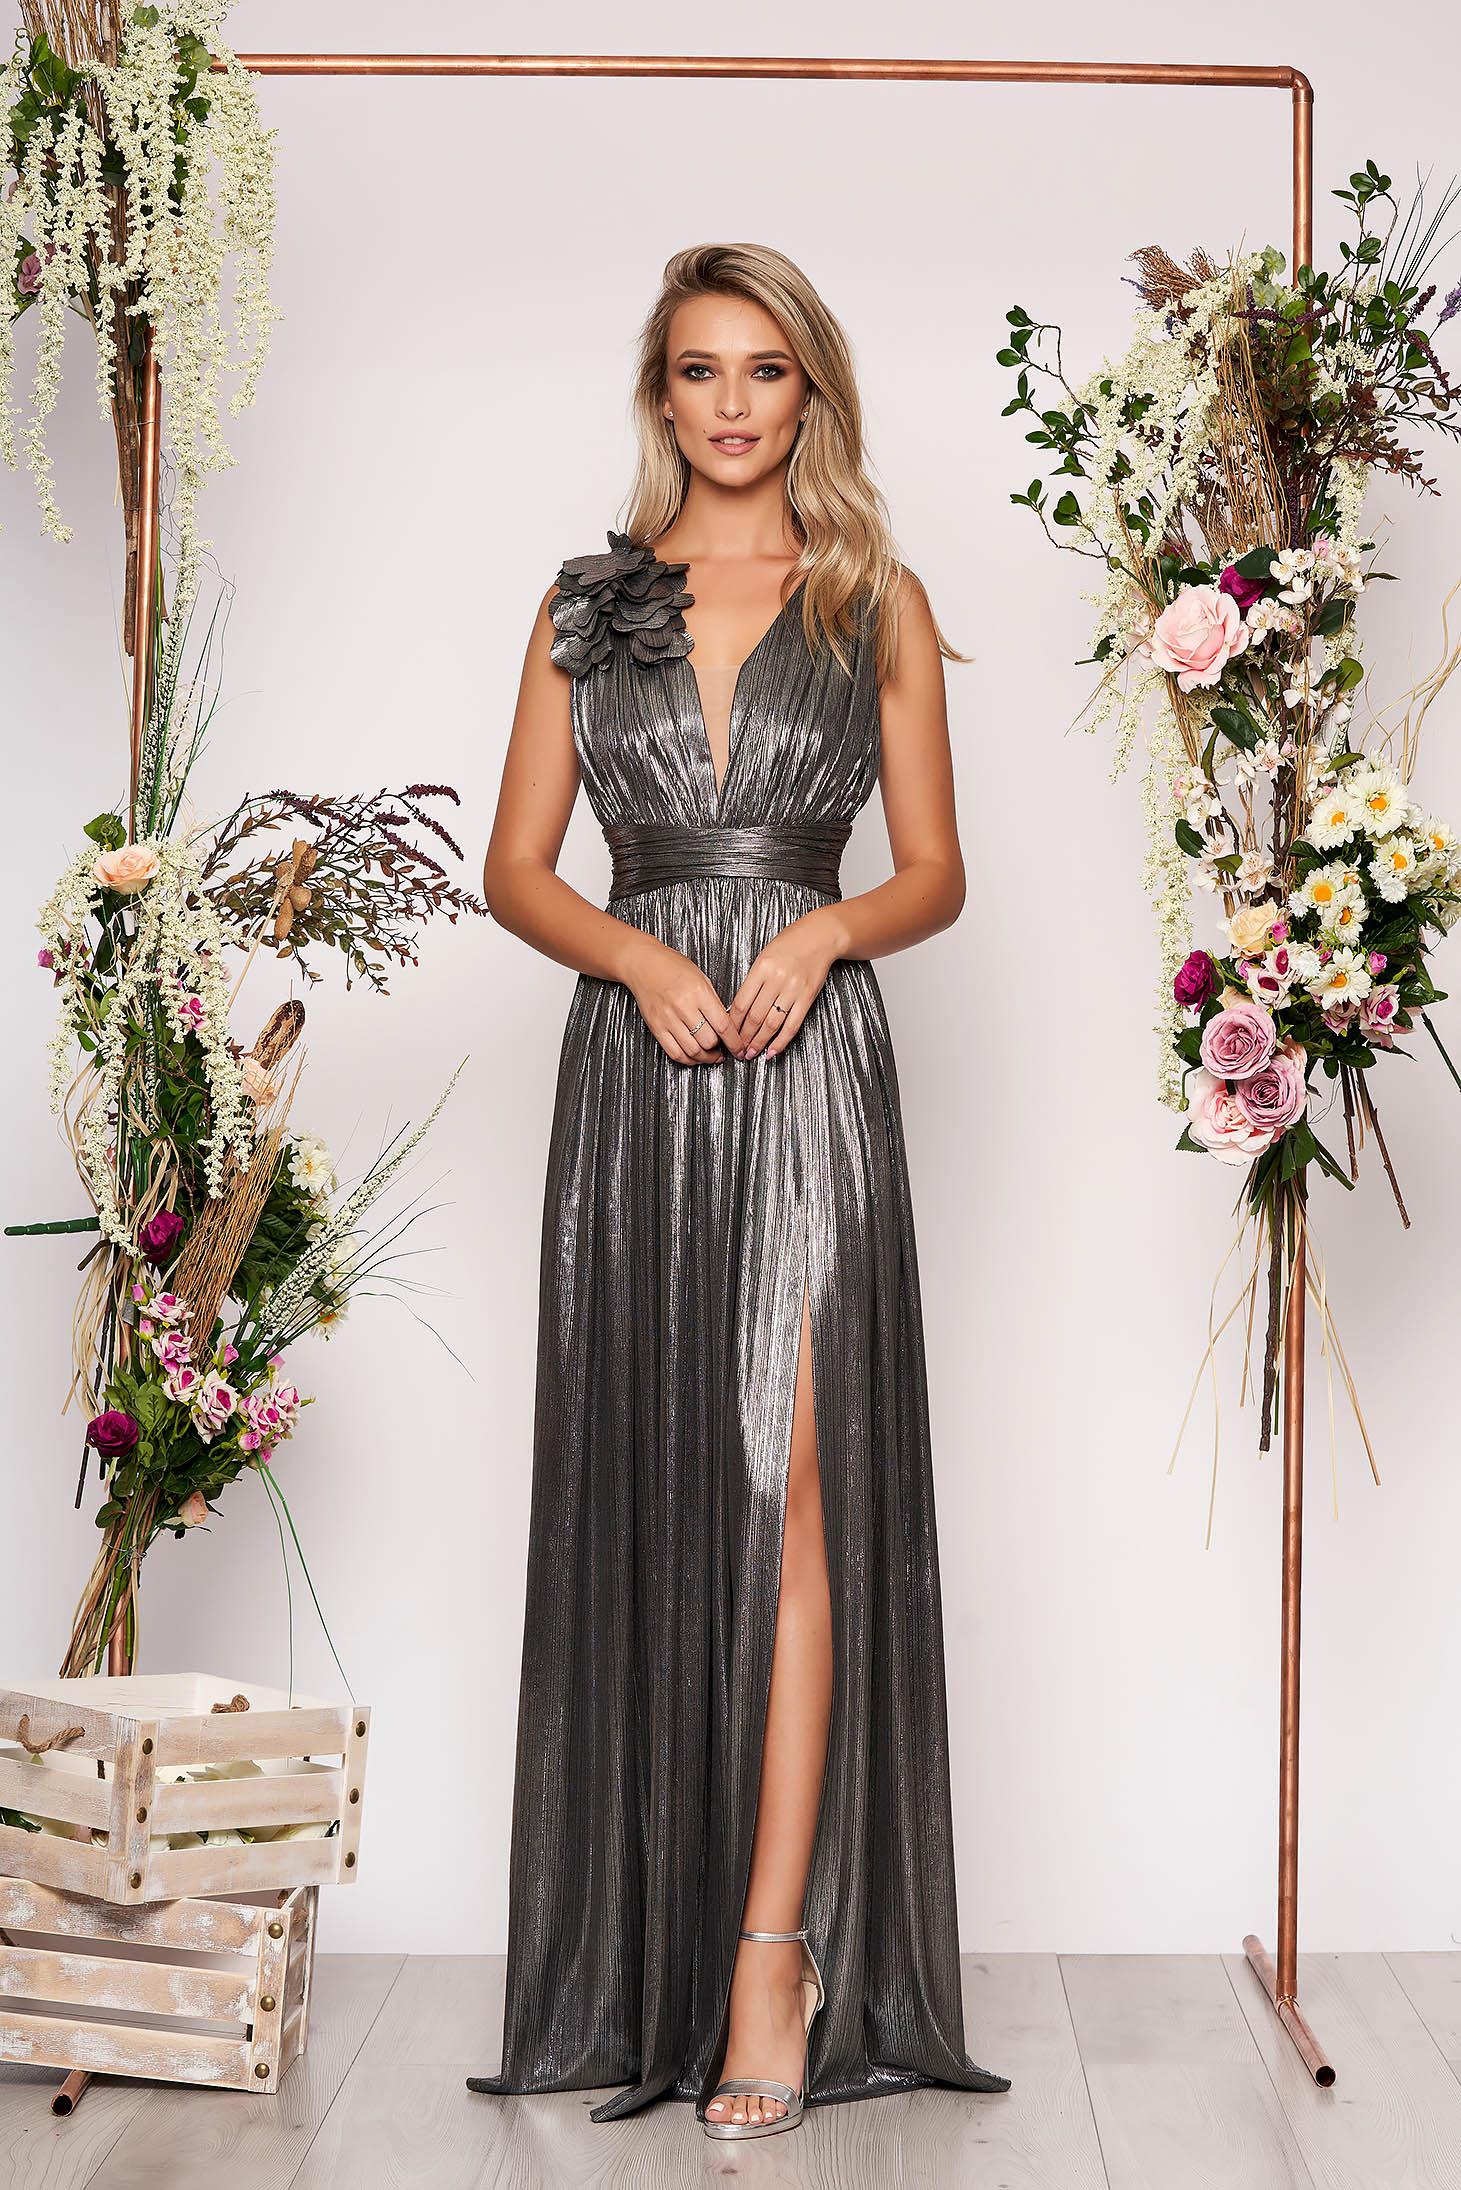 Ezüst LaDonna alkalmi harang ruha fényes anyagból virágos díszekkel